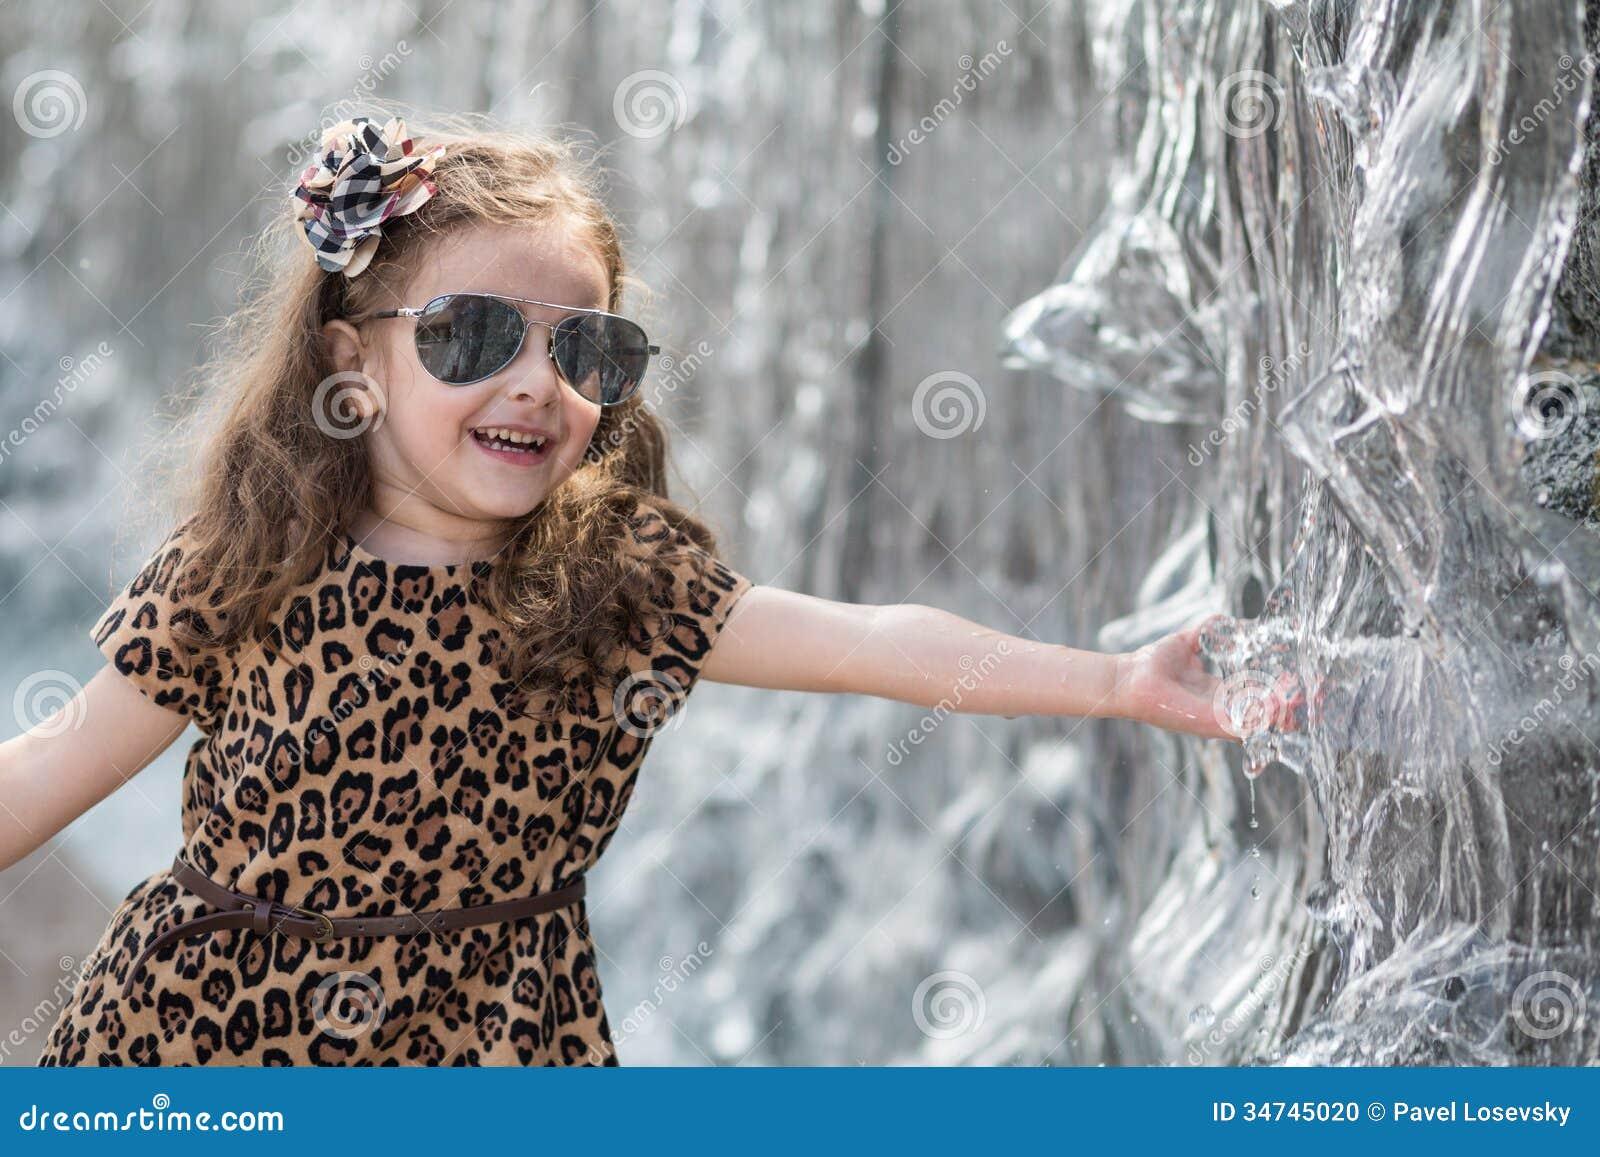 Фото как маленькая девочка трогает писюн 26 фотография